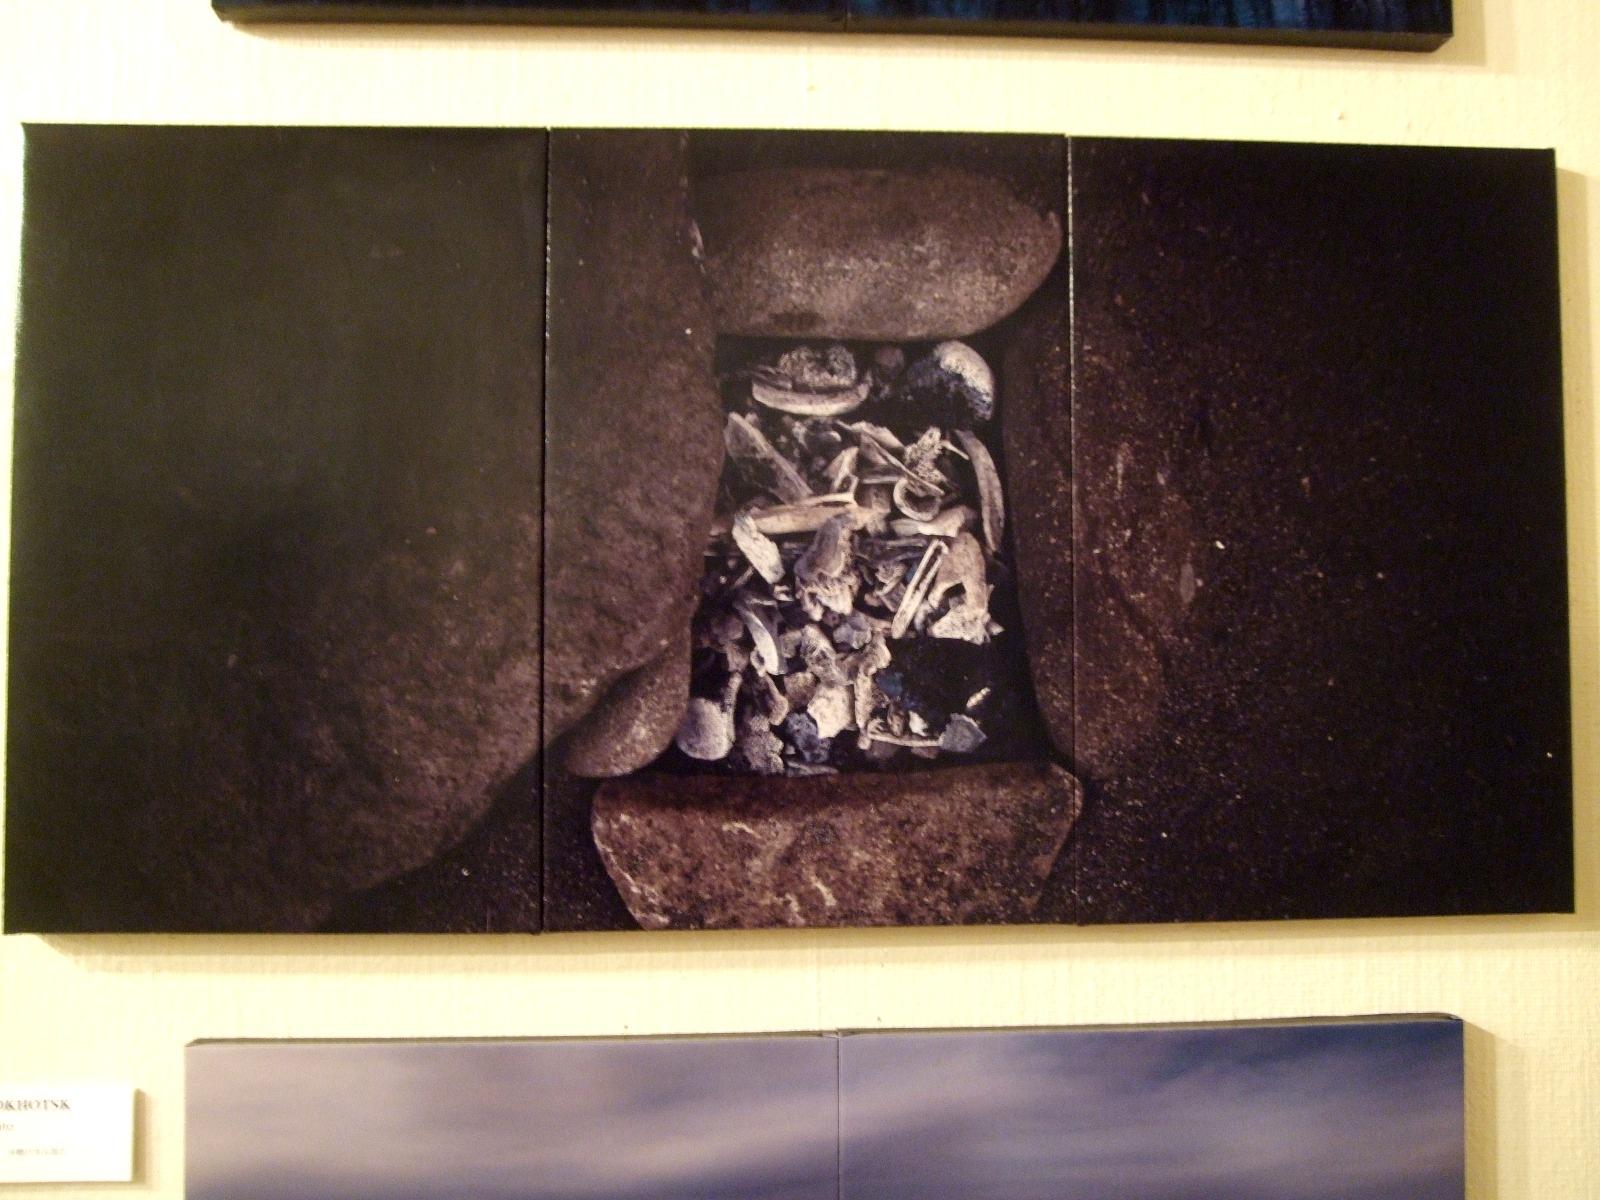 1228) たぴお 「PHOTOGRAPHERS 北の4章展ー譜・彩・光と影・証ー」 3月15日(月)~3月20日(土)  _f0126829_101367.jpg